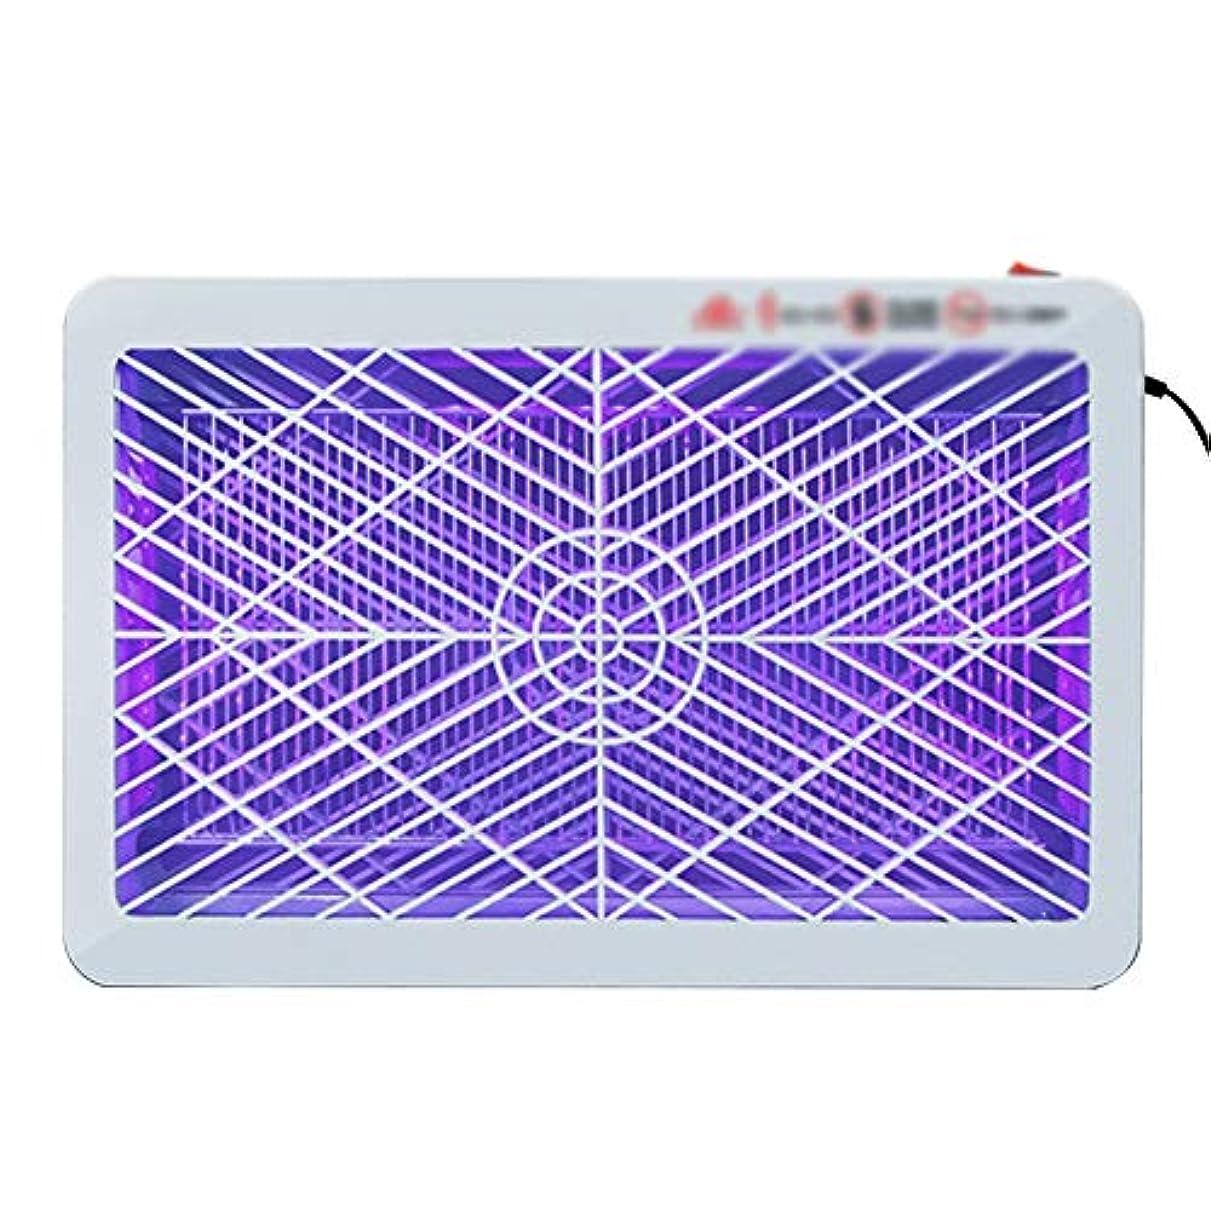 先にスーツケース伝統的ZEMIN 蚊ランプ電撃殺虫灯 誘虫灯 両面排出 ミュート ゼロに近い放射線 省エネ、 2サイズ (サイズ さいず : 34CM-3W)